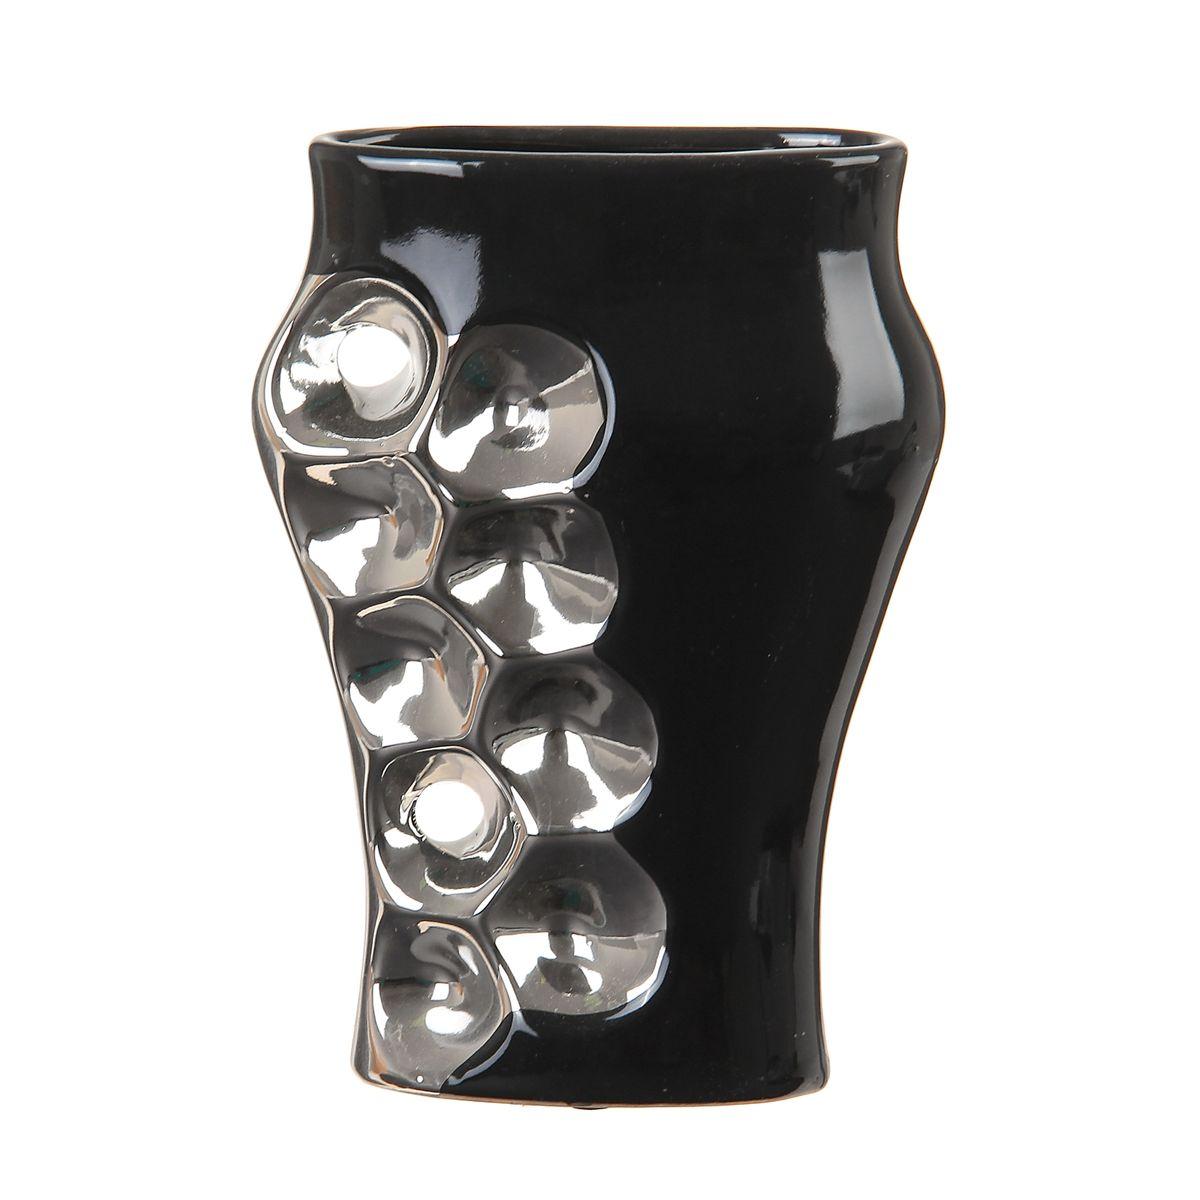 Ваза Sima-land Пузыри, цвет: черный, серебристый, высота 22 смFS-91909Ваза Sima-land Пузыри изготовлена из высококачественной керамики. Интересная форма и необычное оформление сделают эту вазу замечательным украшением интерьера. Ваза предназначена как для живых, так и для искусственных цветов. Любое помещение выглядит незавершенным без правильно расположенных предметов интерьера. Они помогают создать уют, расставить акценты, подчеркнуть достоинства или скрыть недостатки.